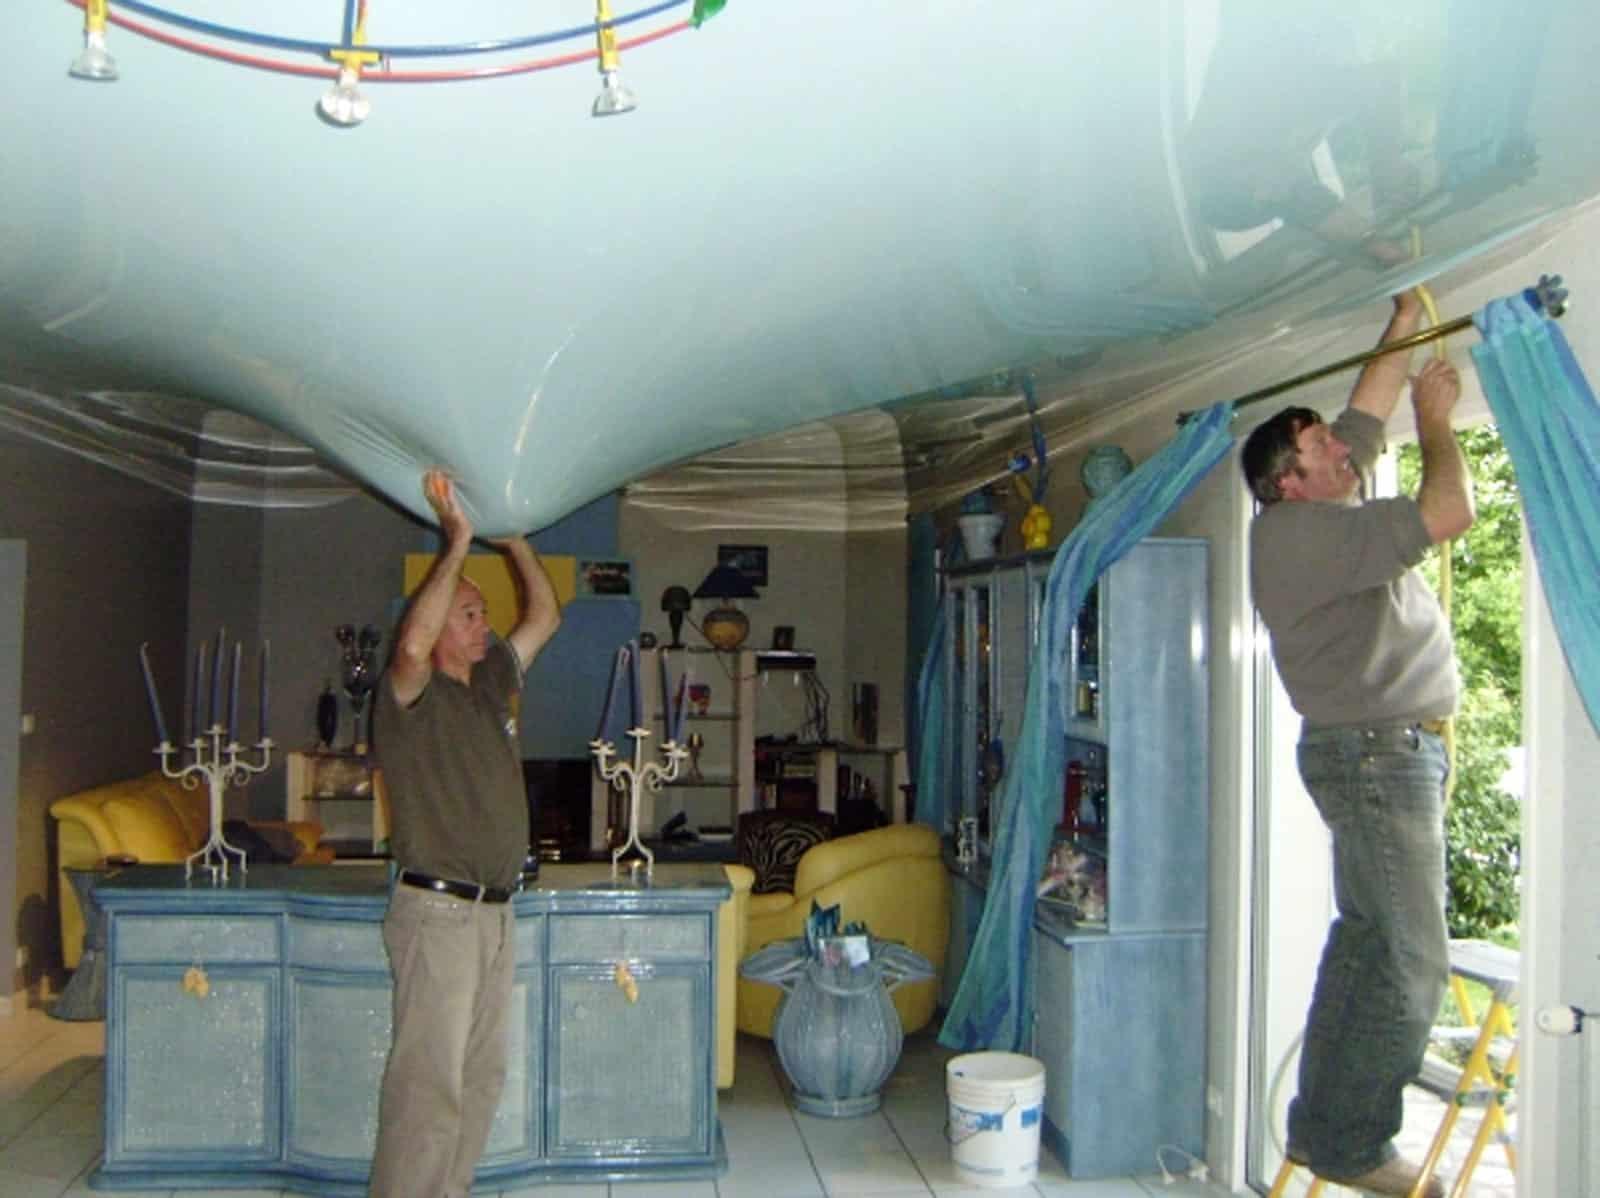 Une maison avec le plafond inondé d'eau